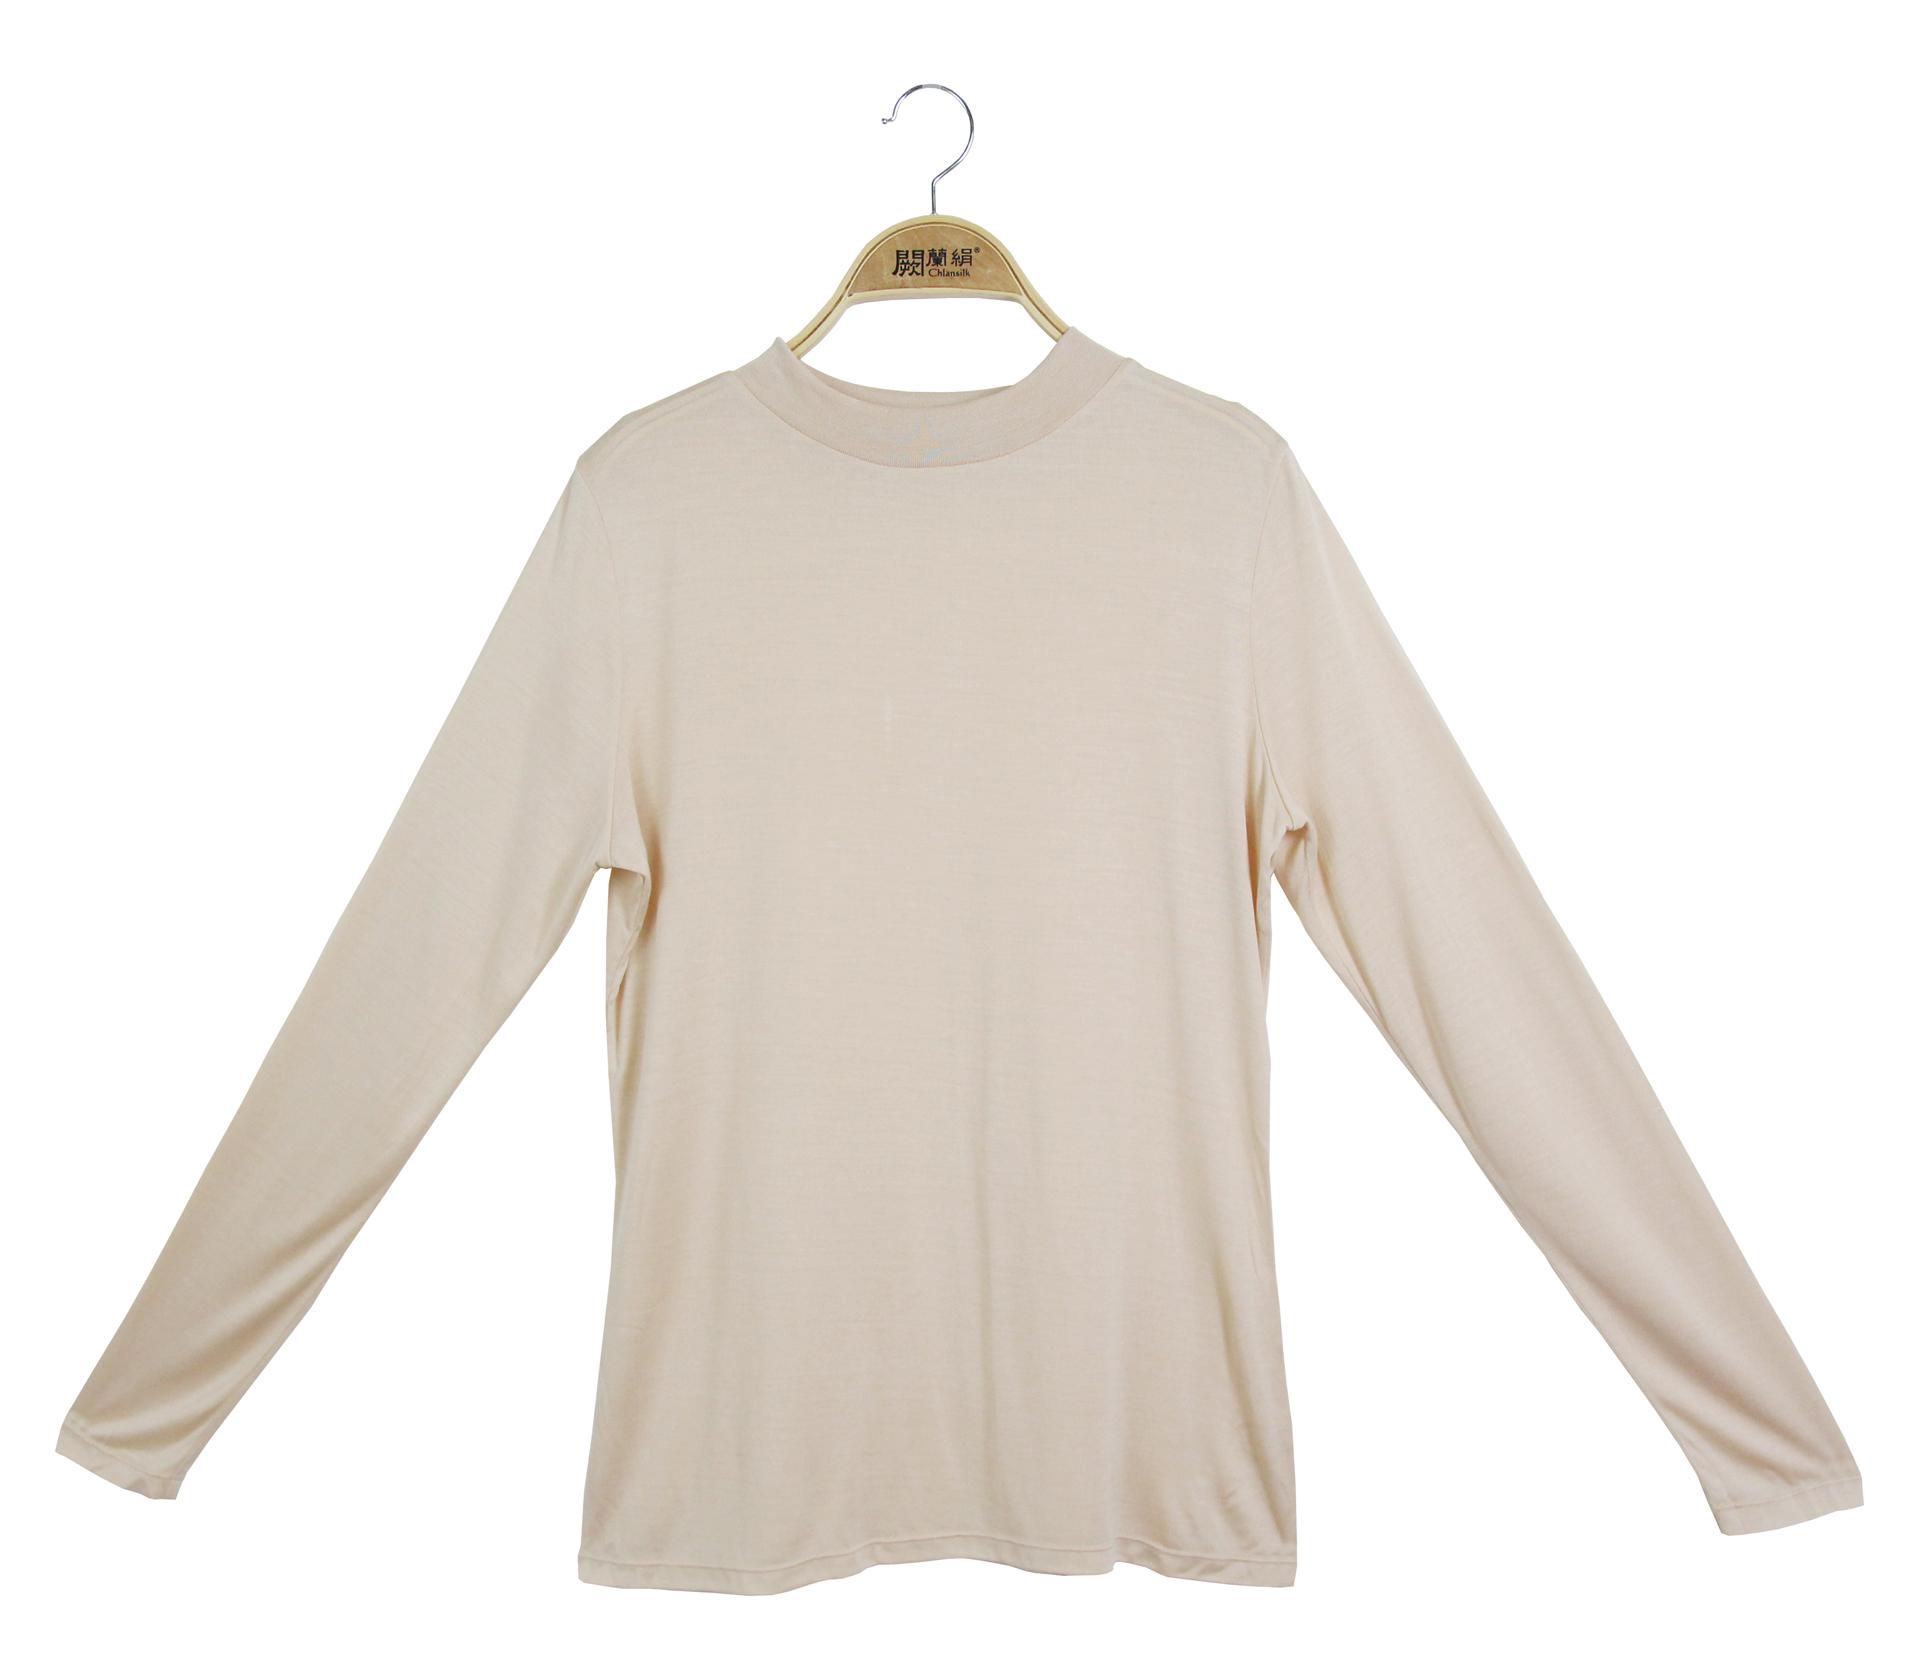 闕蘭絹素面長袖100%蠶絲立領衛生衣-膚色-9925